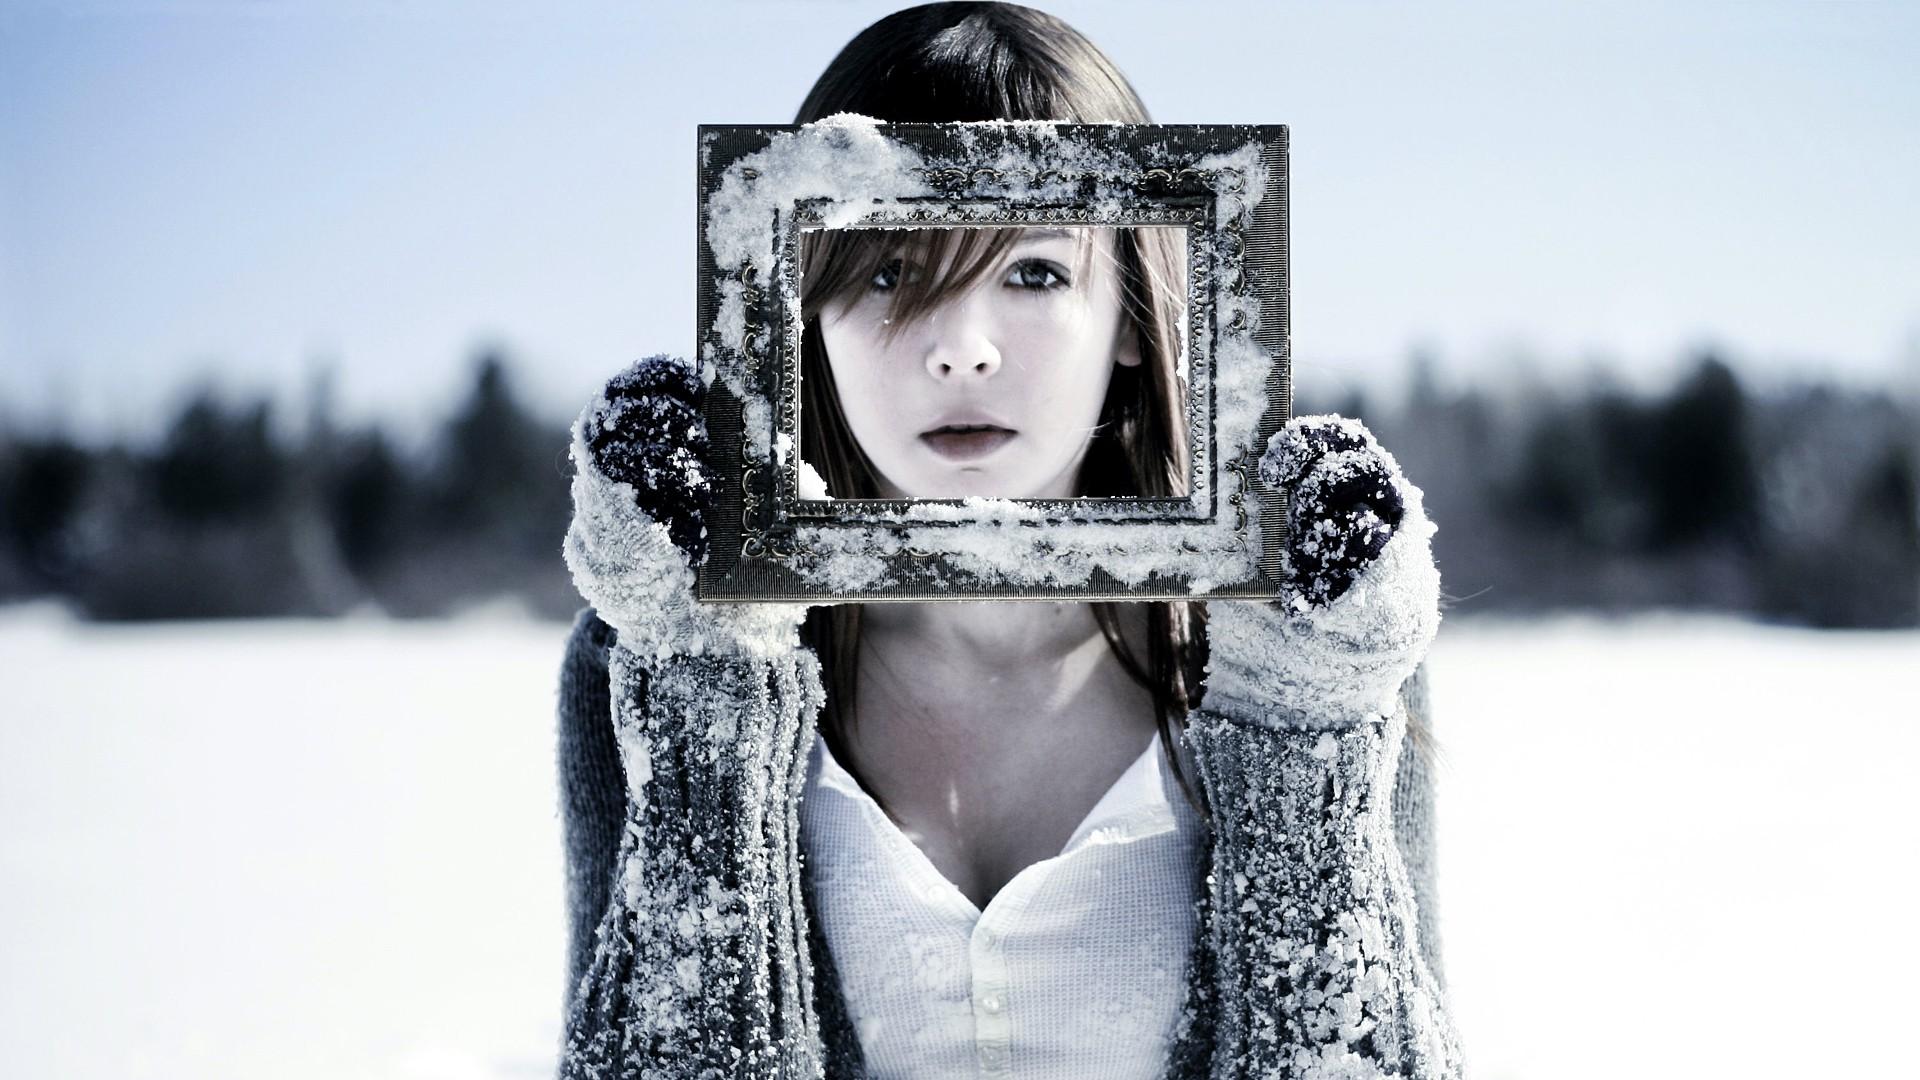 Fondos de pantalla : mujer, monocromo, morena, nieve, invierno ...